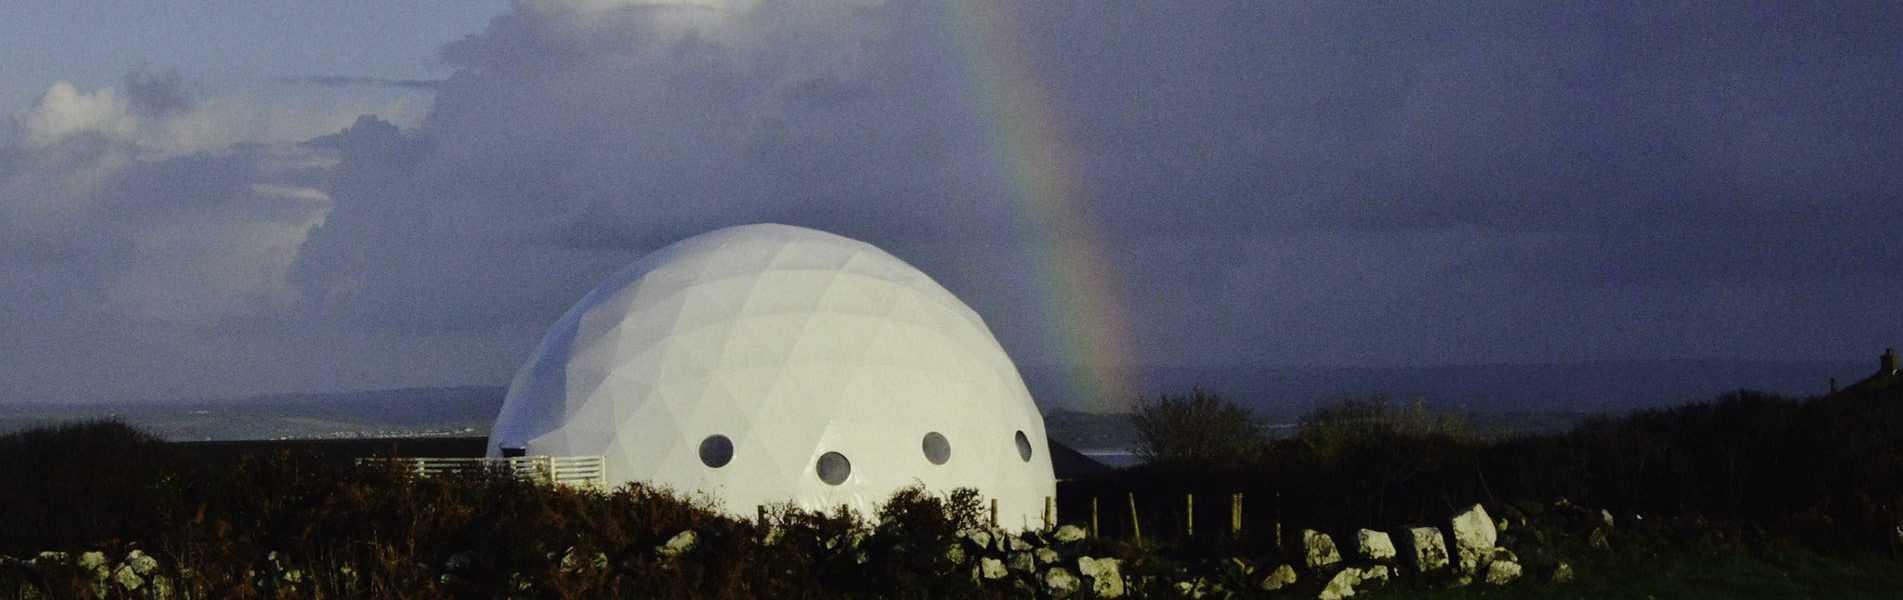 Escape Podz Dome